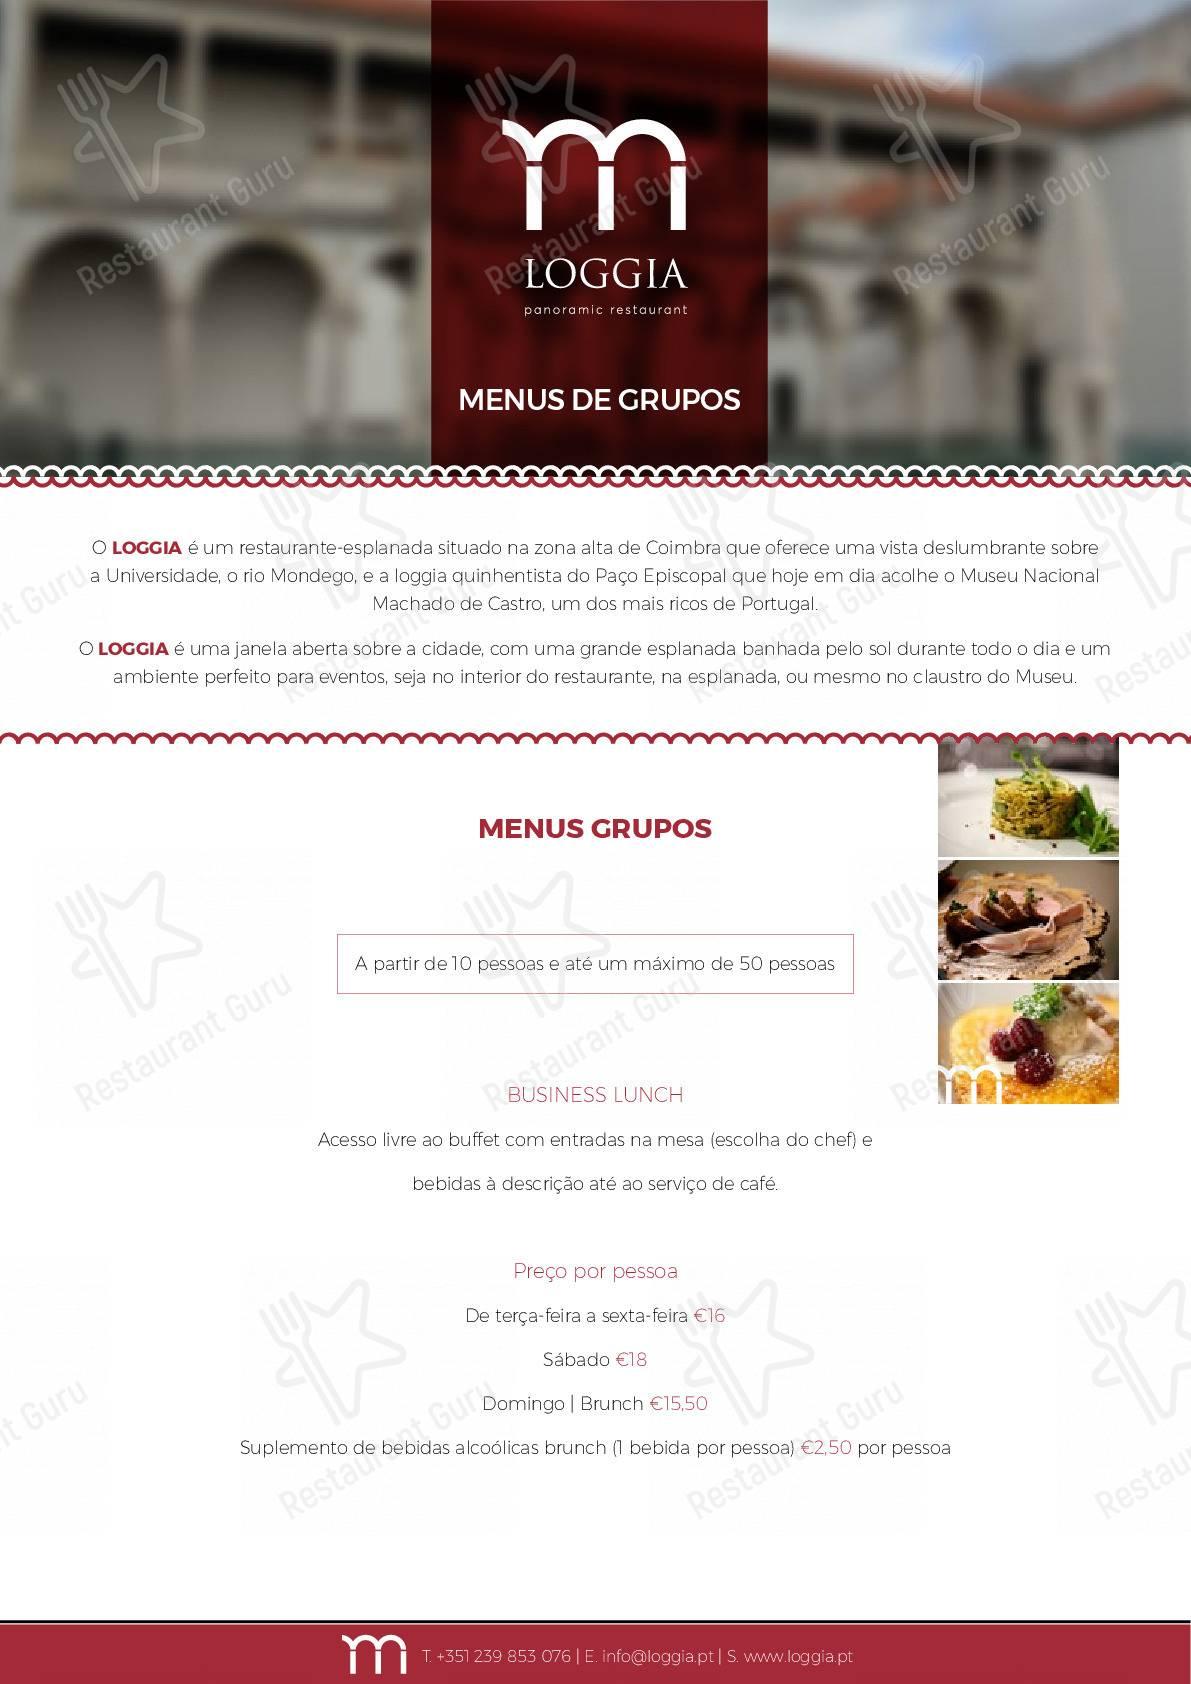 Loggia menu - pratos e drinques